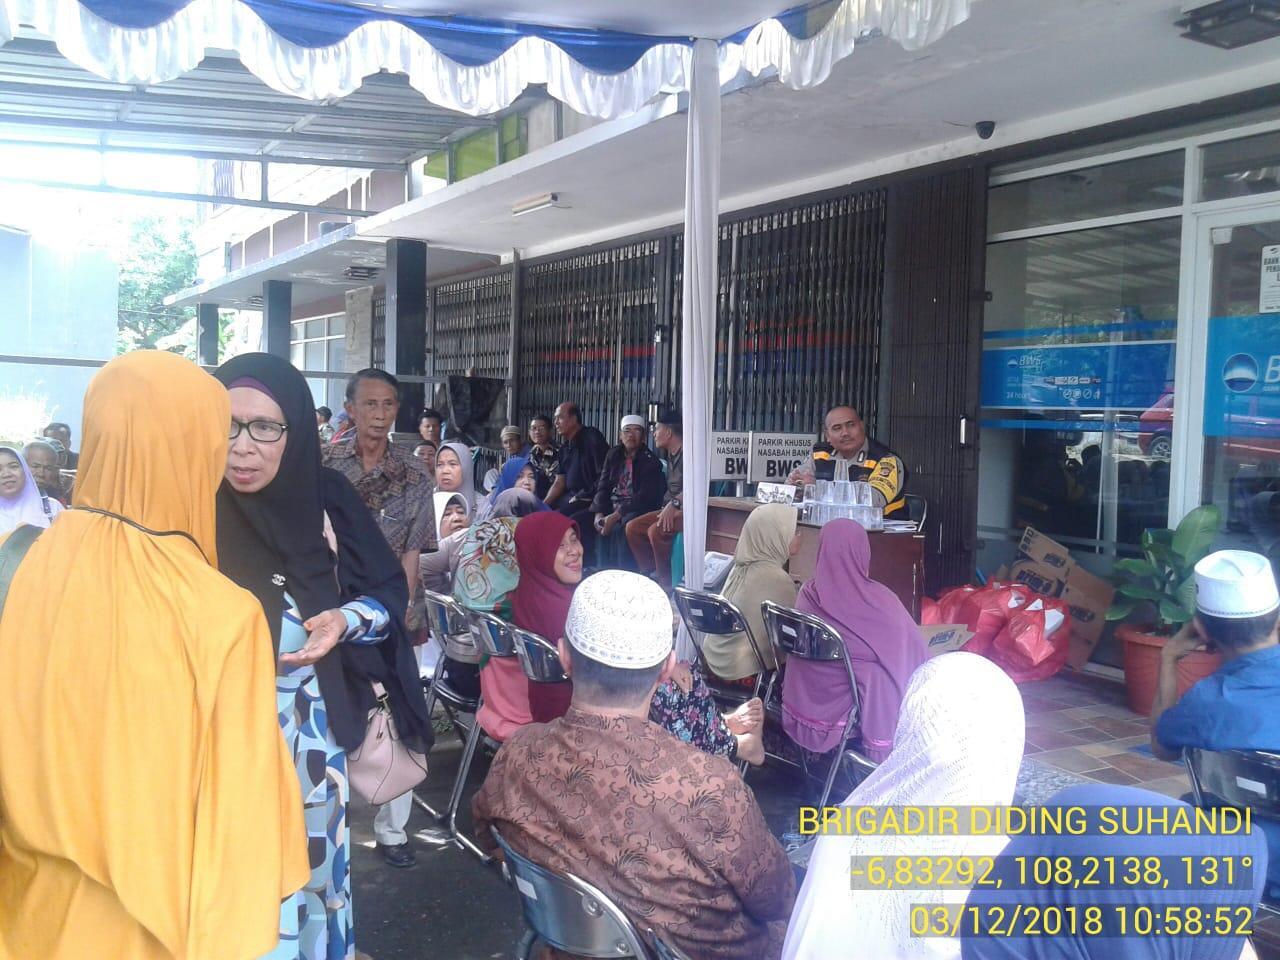 Polisi Jaga Bank BWS Guna Ciptakan Situasi Kamtibmas Yang Kondusif